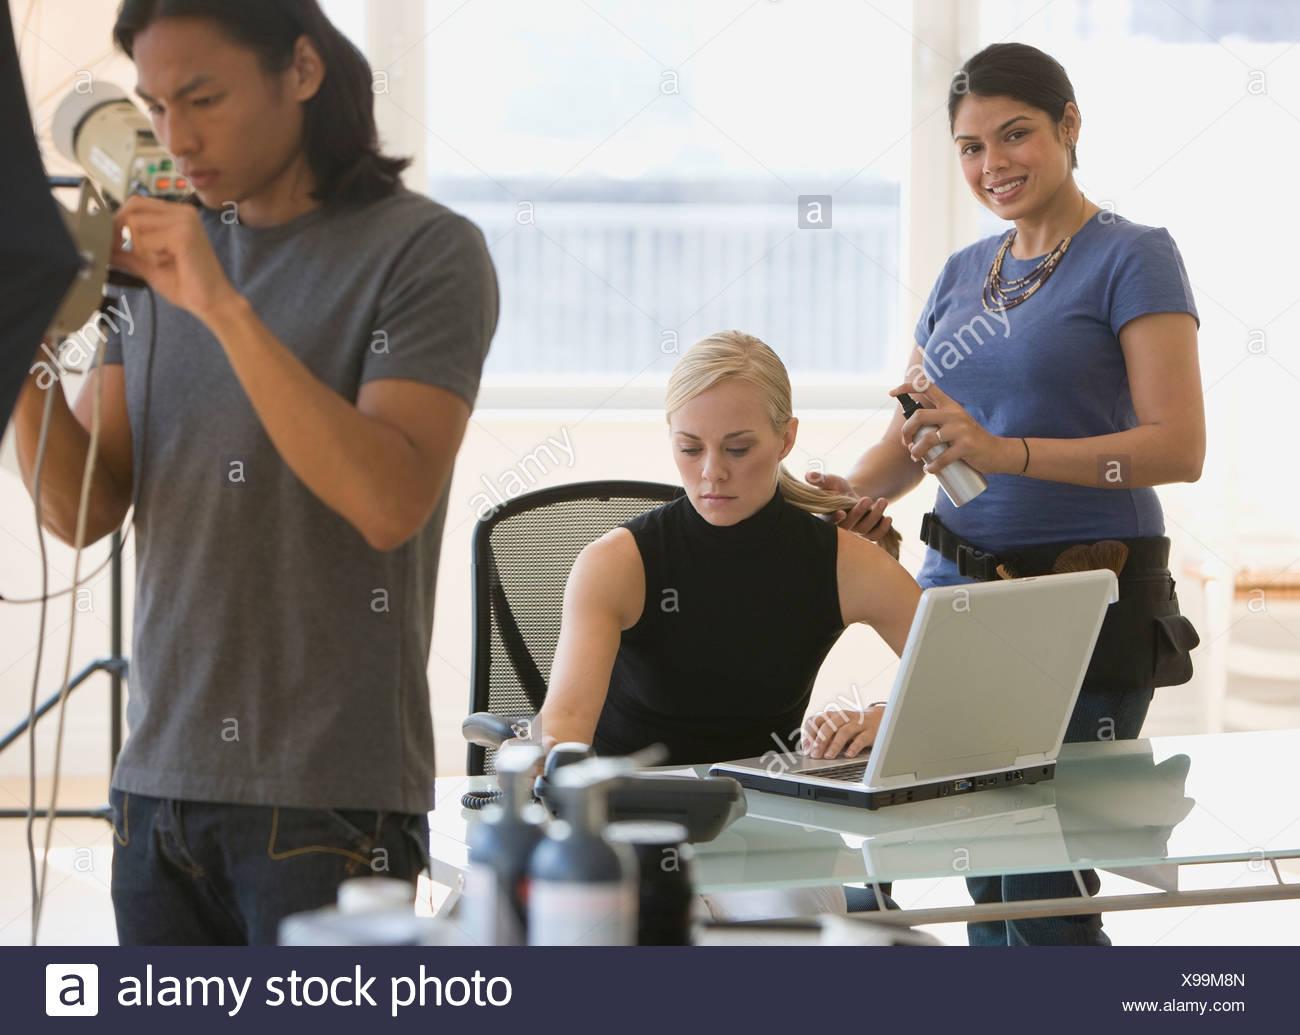 Fotos en estudio de negocios Imagen De Stock